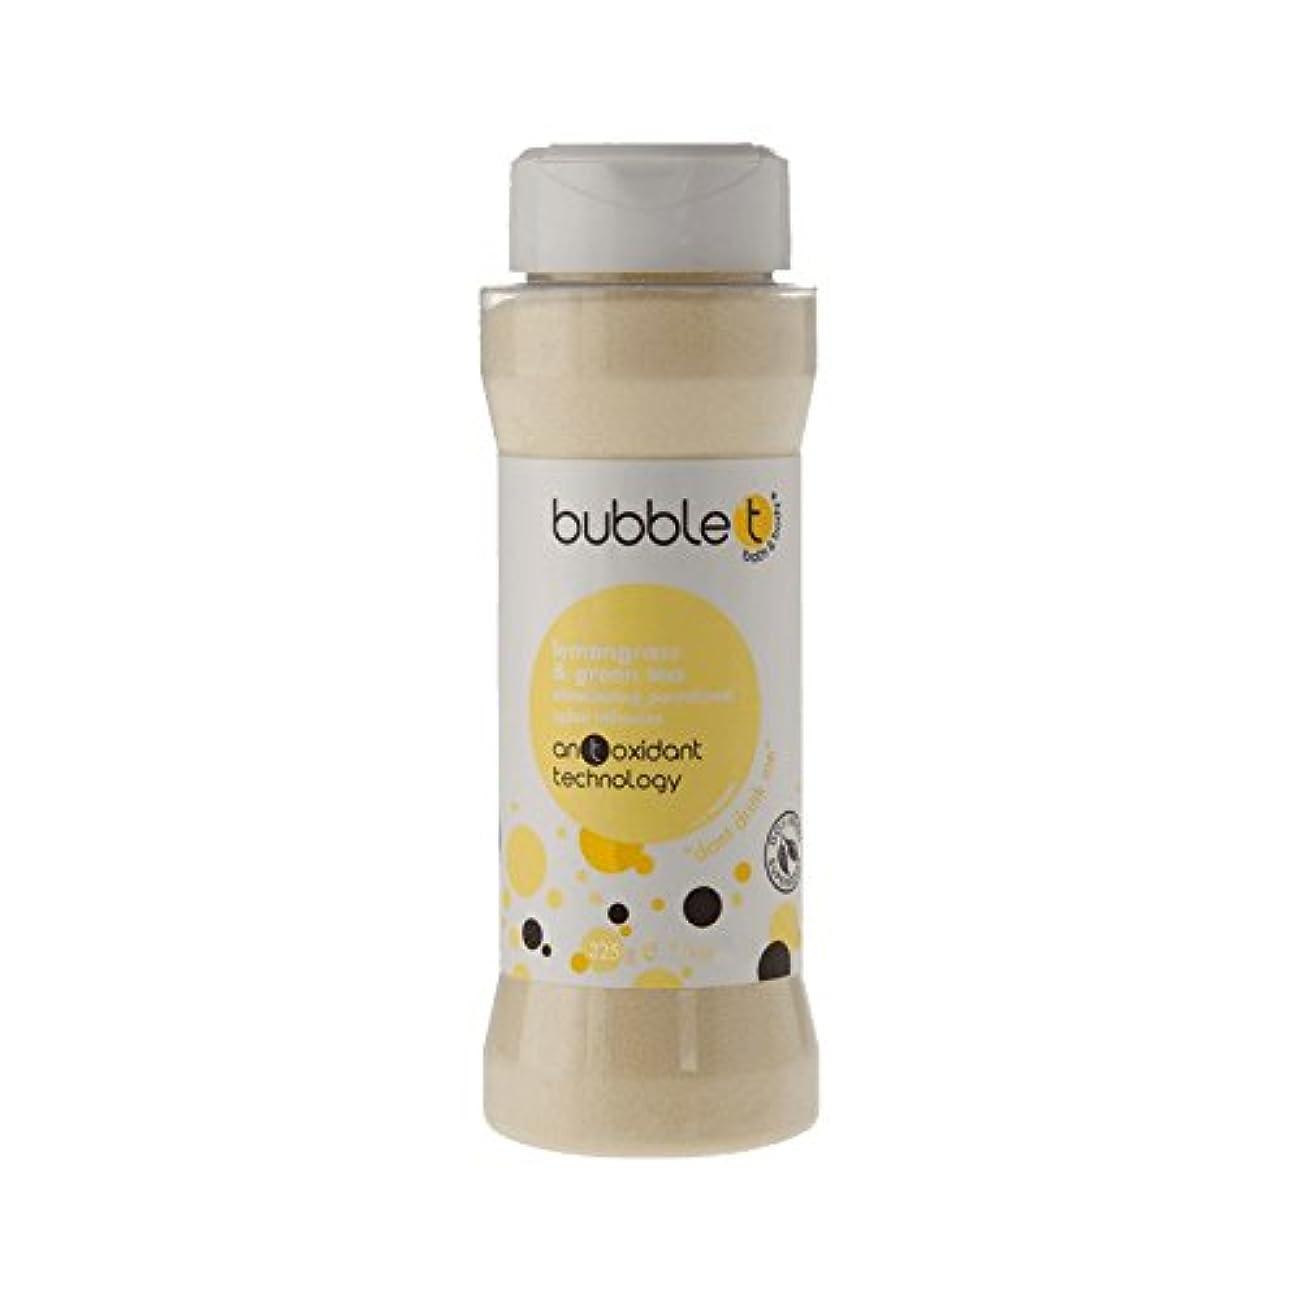 やさしくどこでも導出Bubble T Bath Spice Infusion Lemongrass & Green Tea 225g (Pack of 2) - バブルトン風呂スパイス注入レモングラス&緑茶225グラム (x2) [並行輸入品]